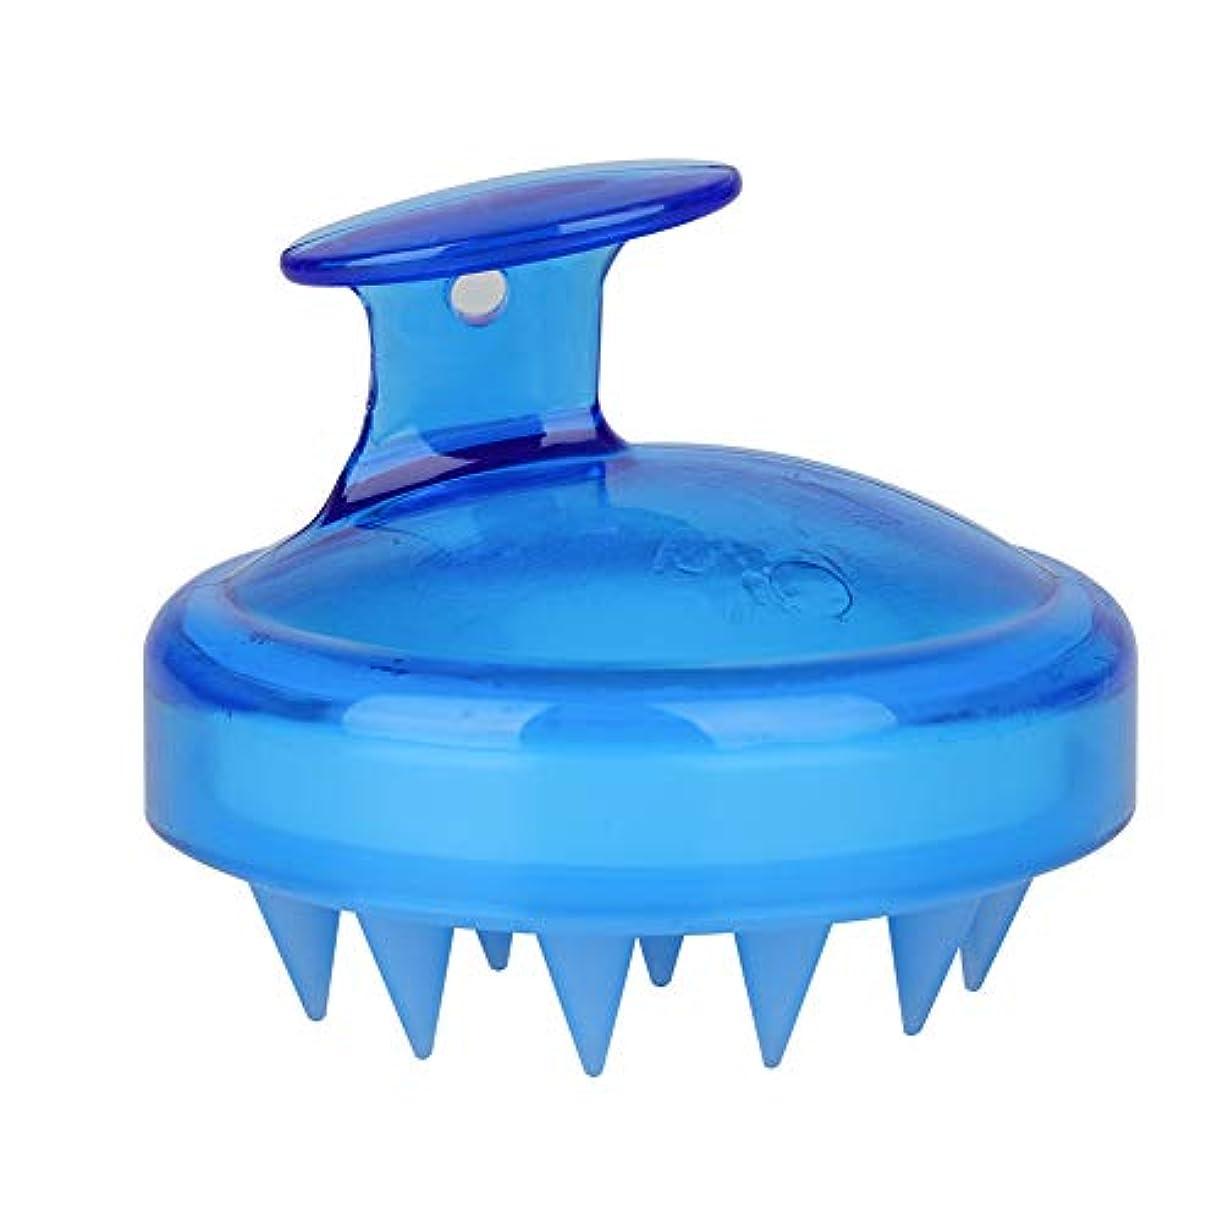 トランザクション番号苦しむgirldate シリコン シャンプーブラシ 洗髪用 くし ヘアケアシリコン製 柔らかい頭皮 ヘッドマッサージャー シャワー用( ブルー)